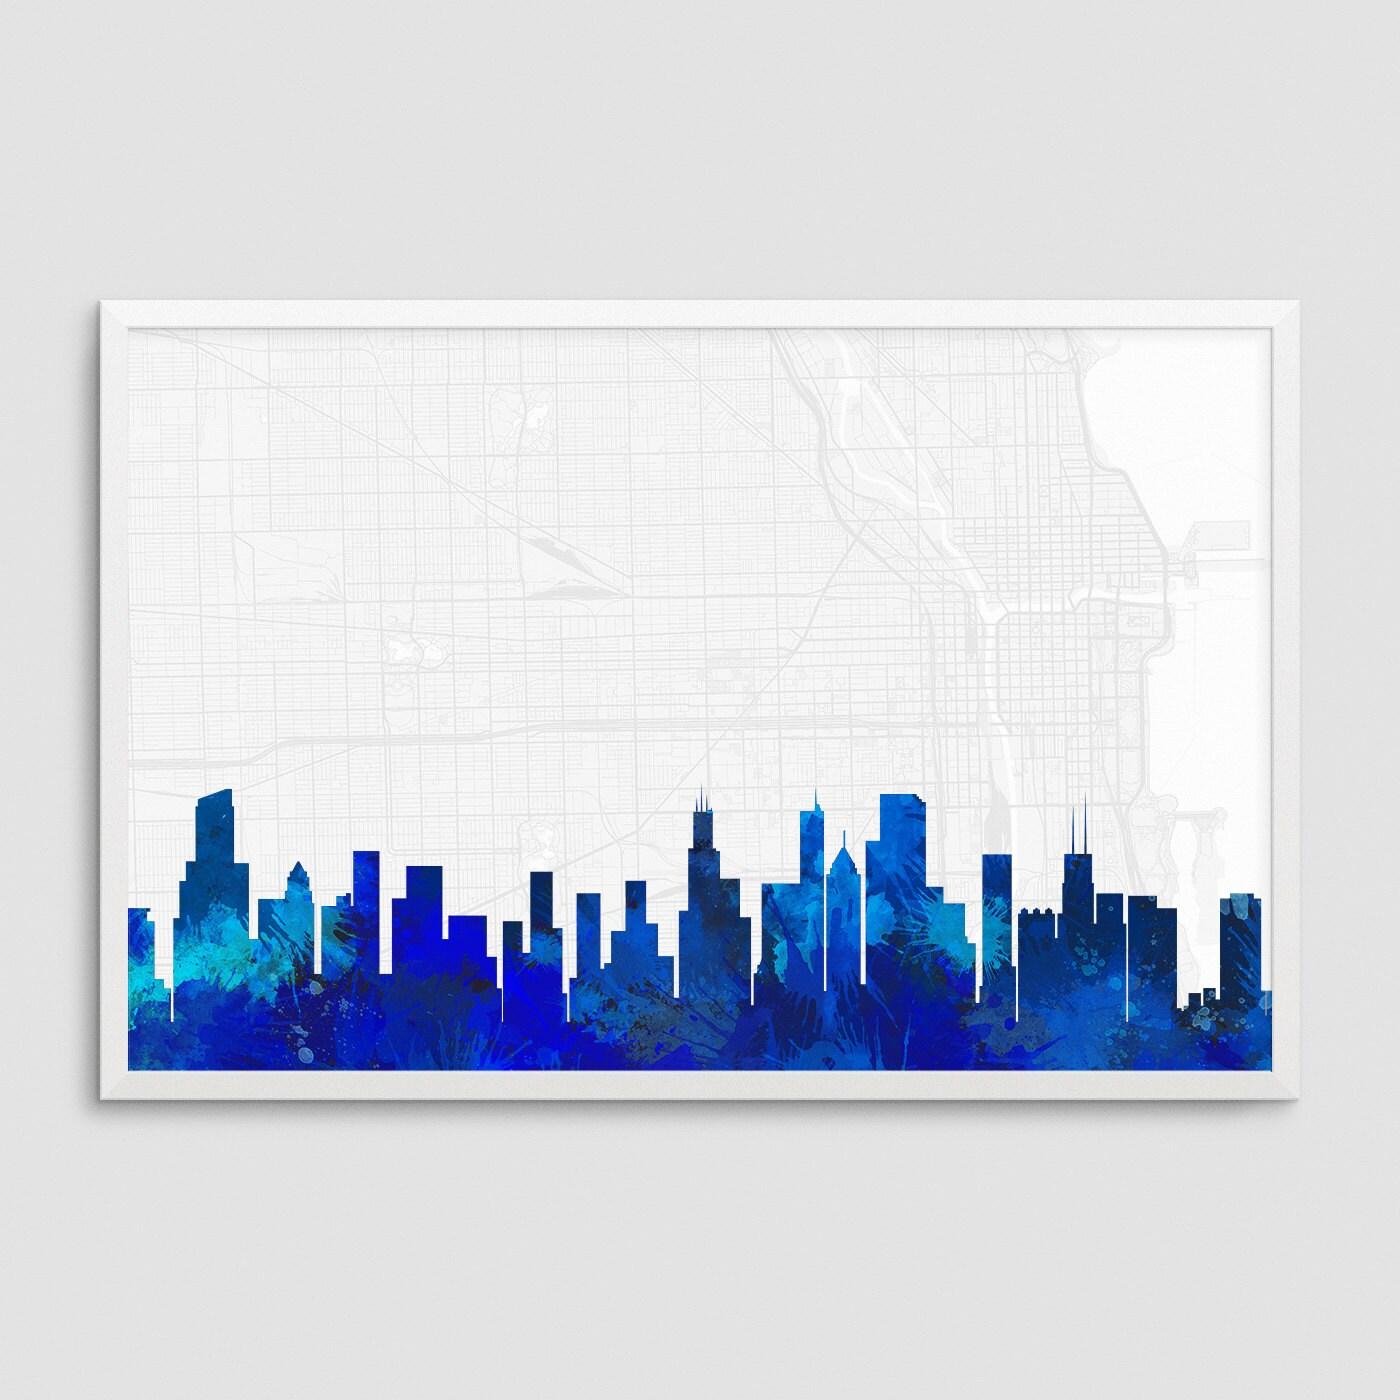 Oficina de impresión de arte acuarela azul paisaje de Chicago